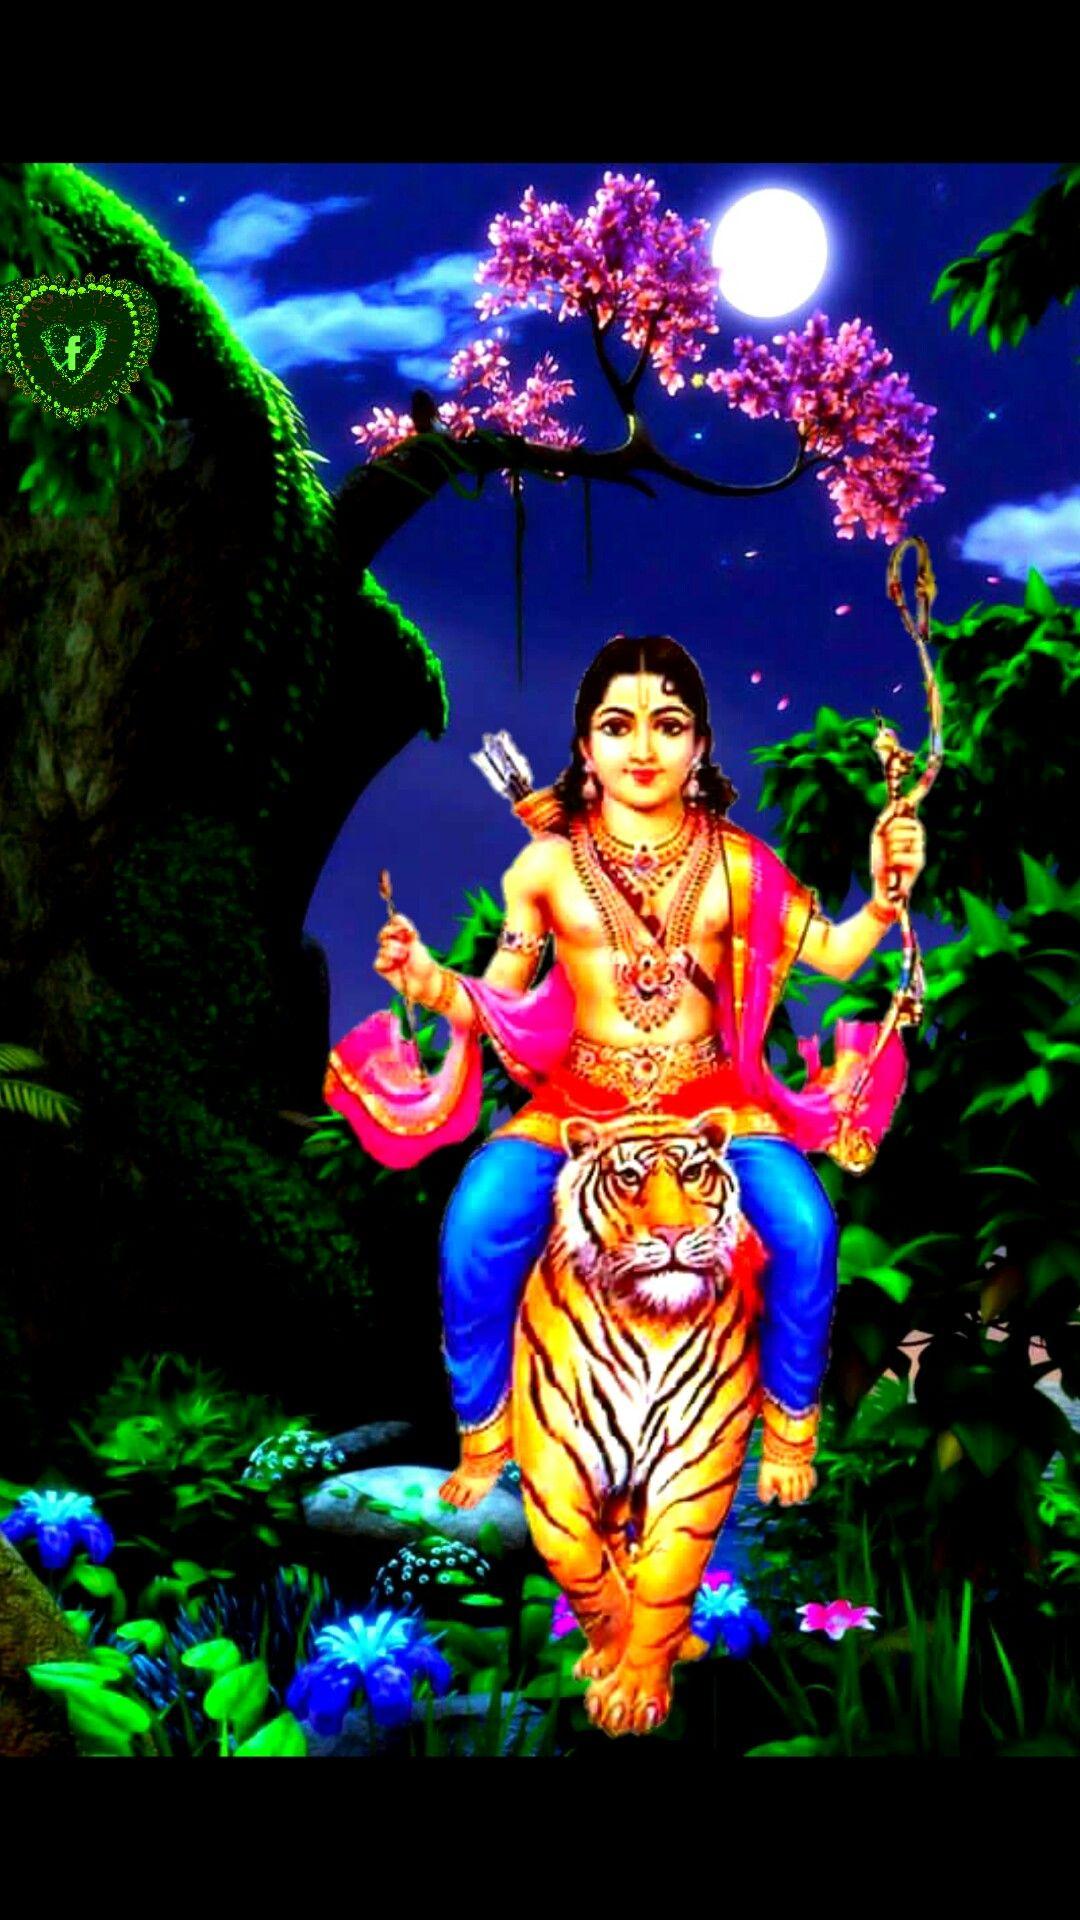 Mythology image by Kaimal Reghunath Good morning images